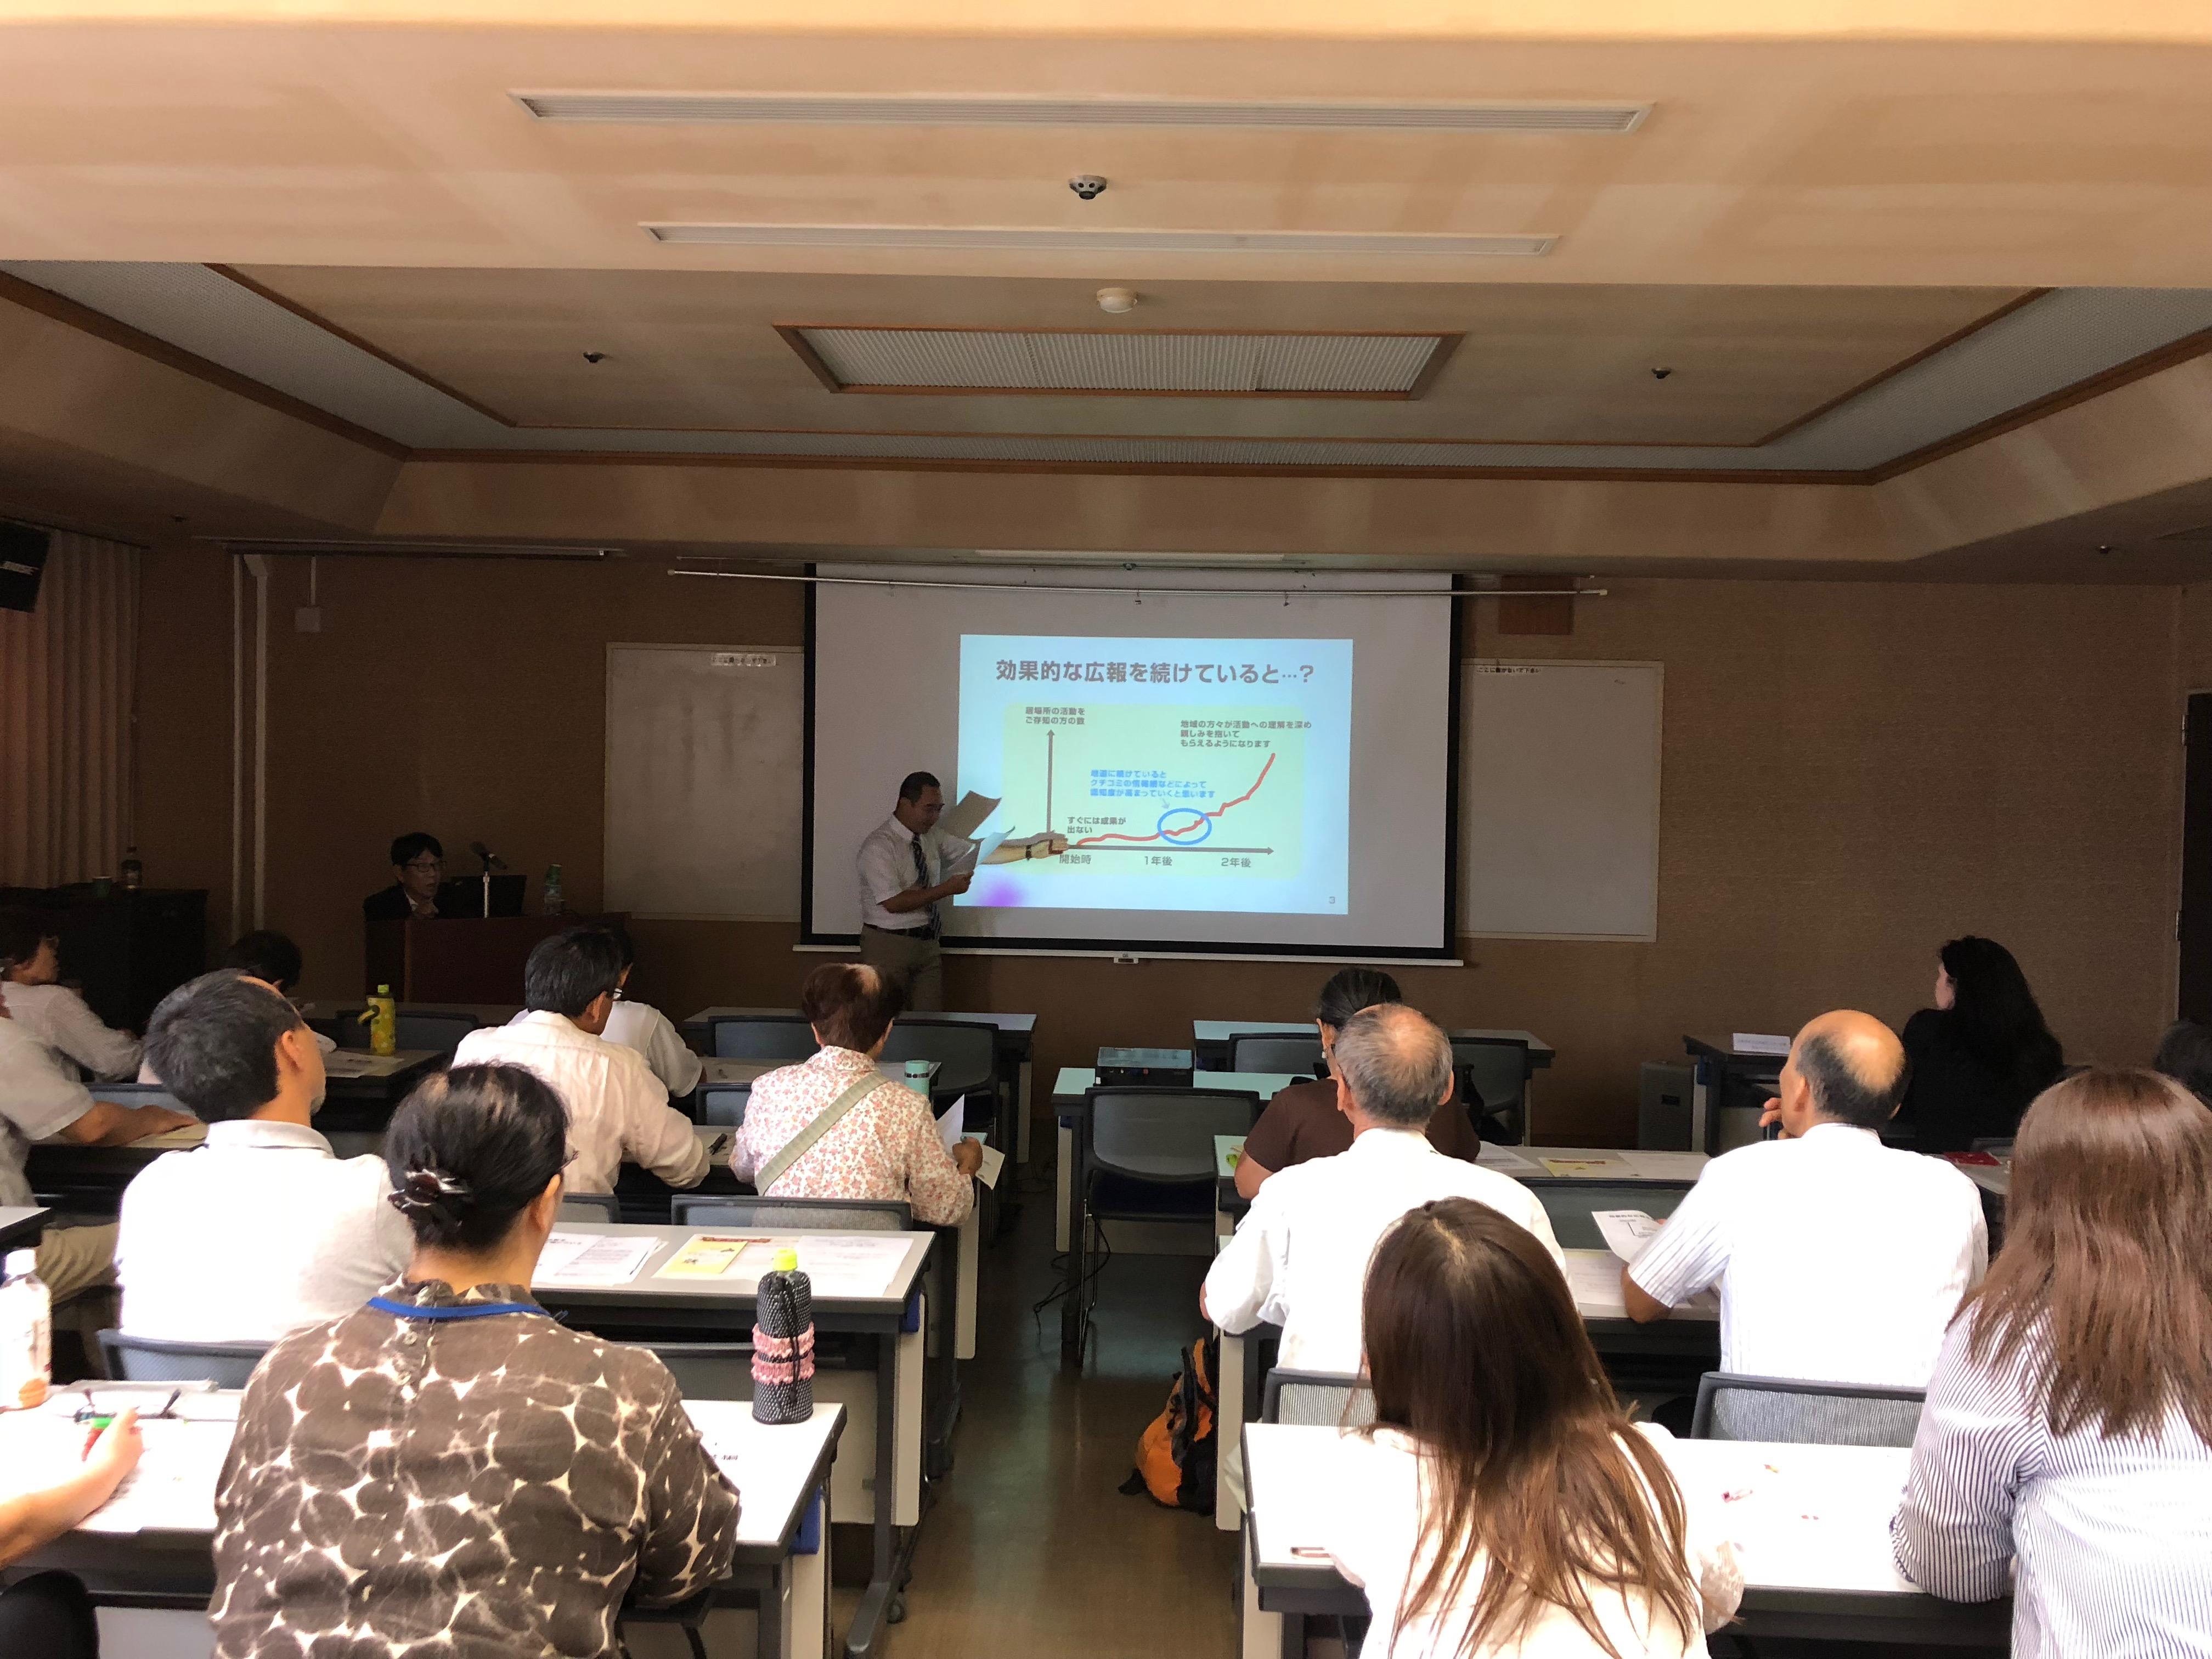 京都市中京区社会福祉協議会様主催の情報交換会におけるセミナー「居場所の活動を魅力的に伝える広報について」に森原英壽が講師として登壇しました。